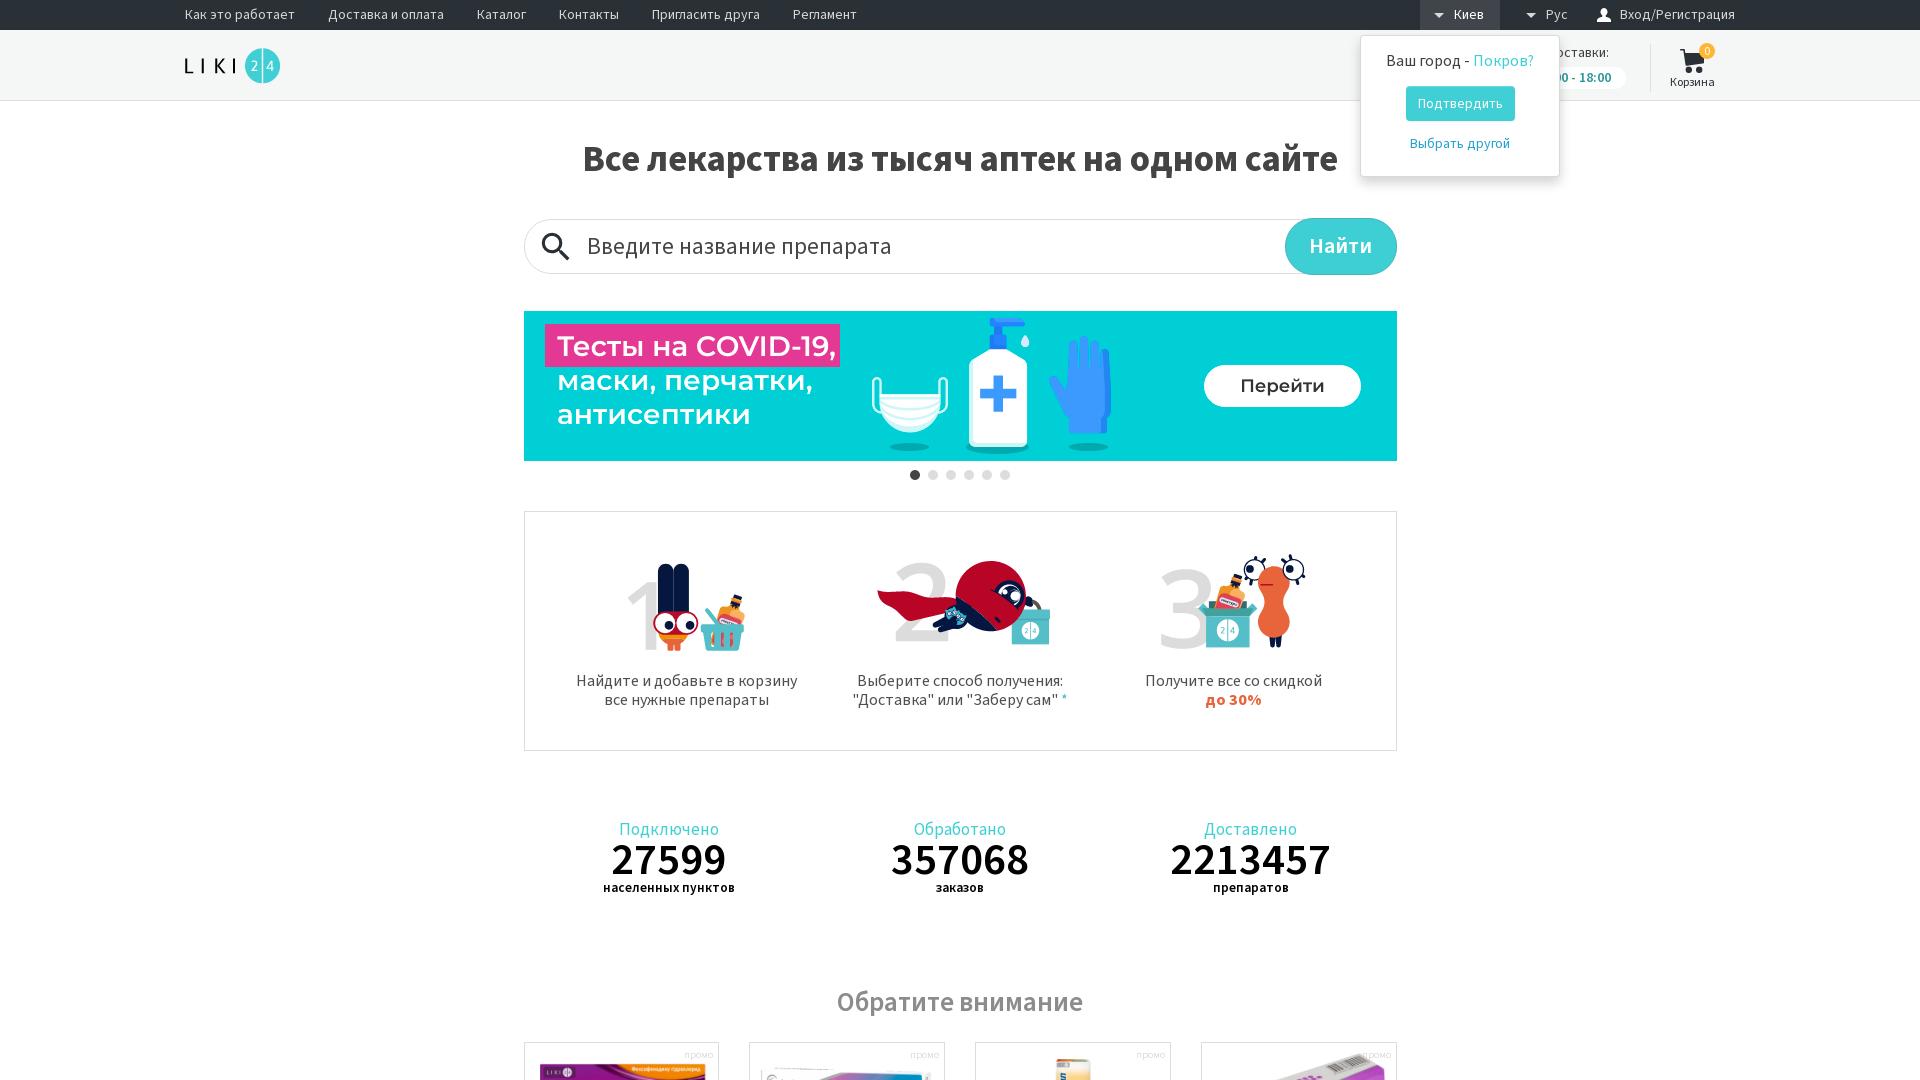 Liki24 UA website